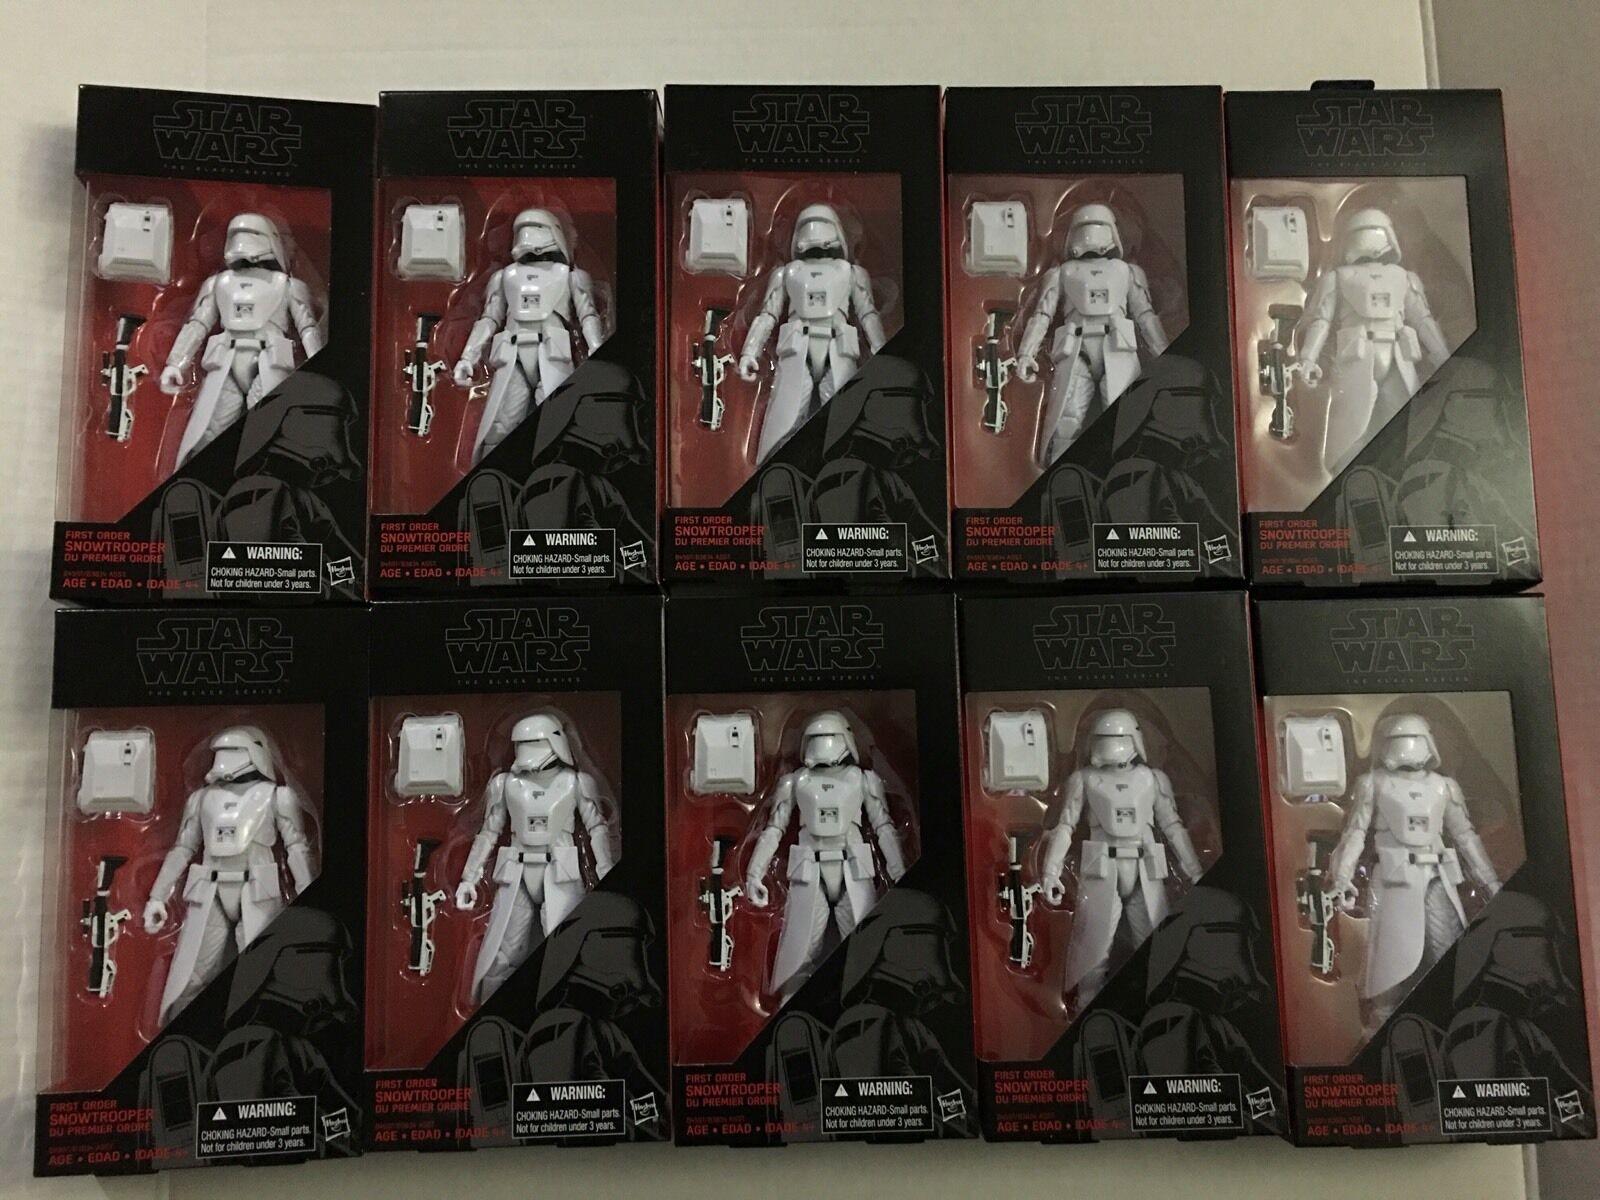 Punkt tio stjärna Wars svart serier Första Ordning Snowtrooper New